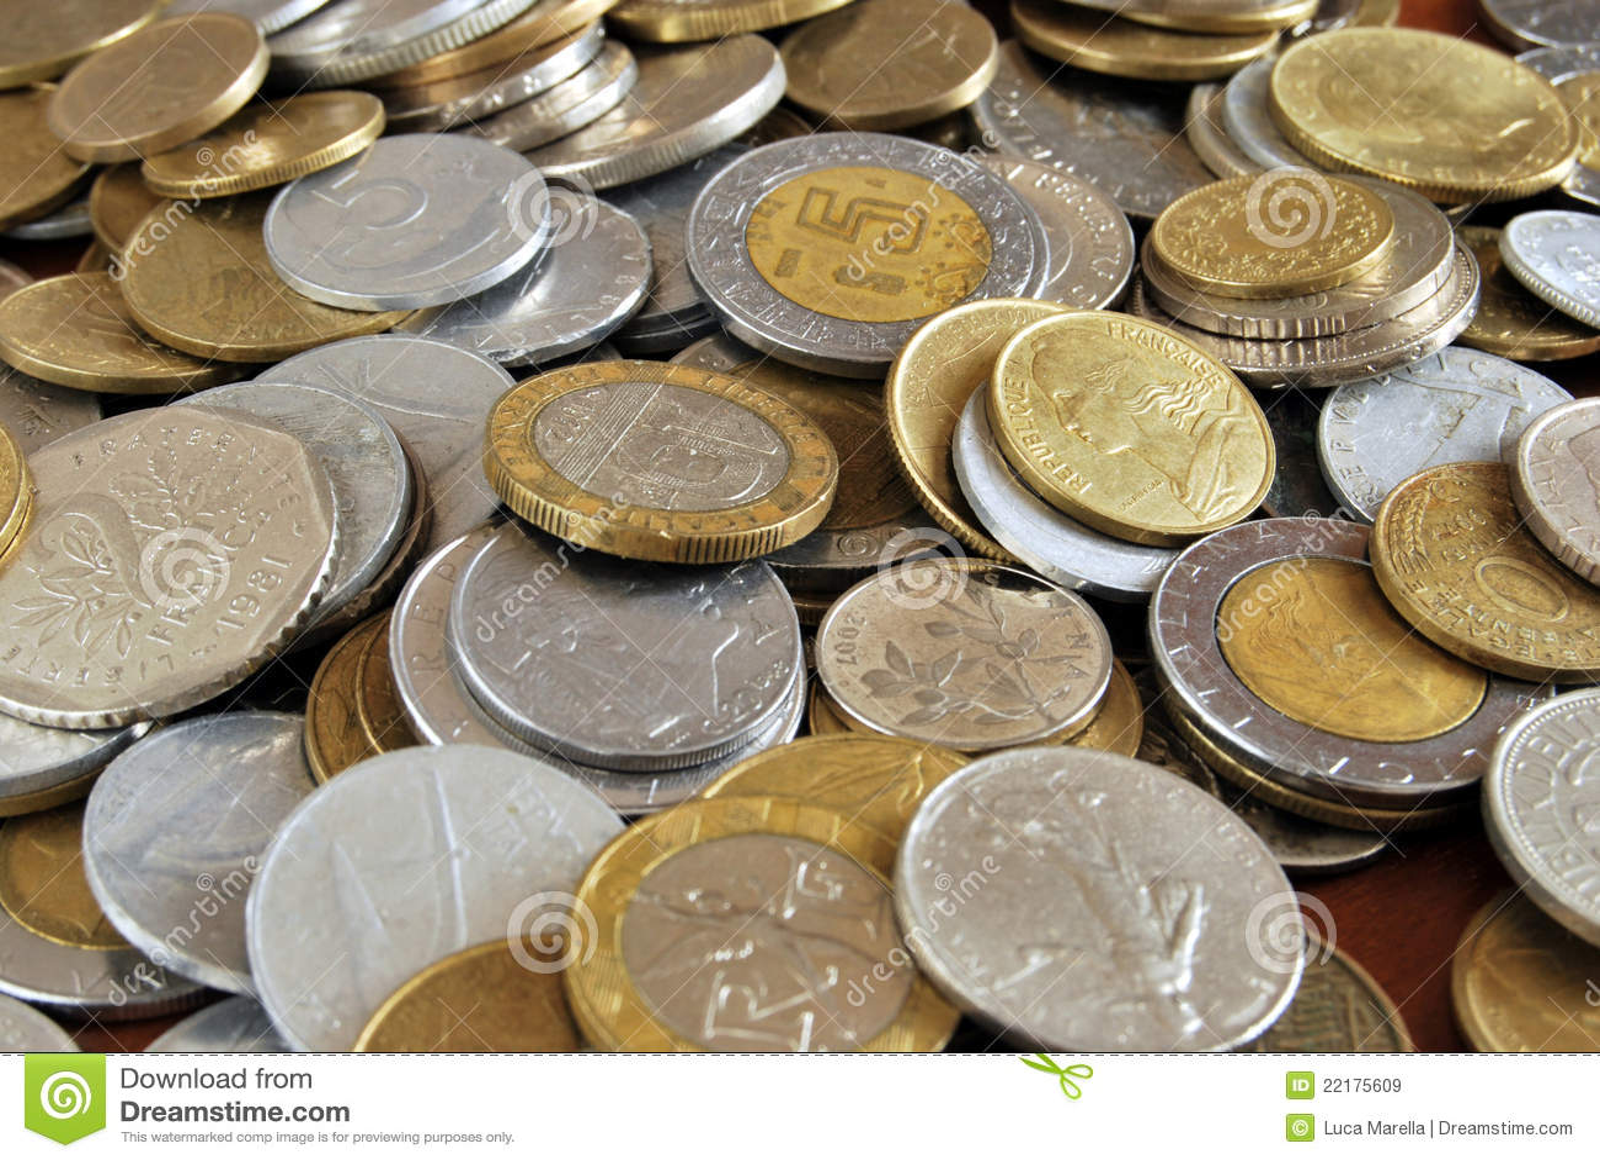 κόσμος νομισμάτων